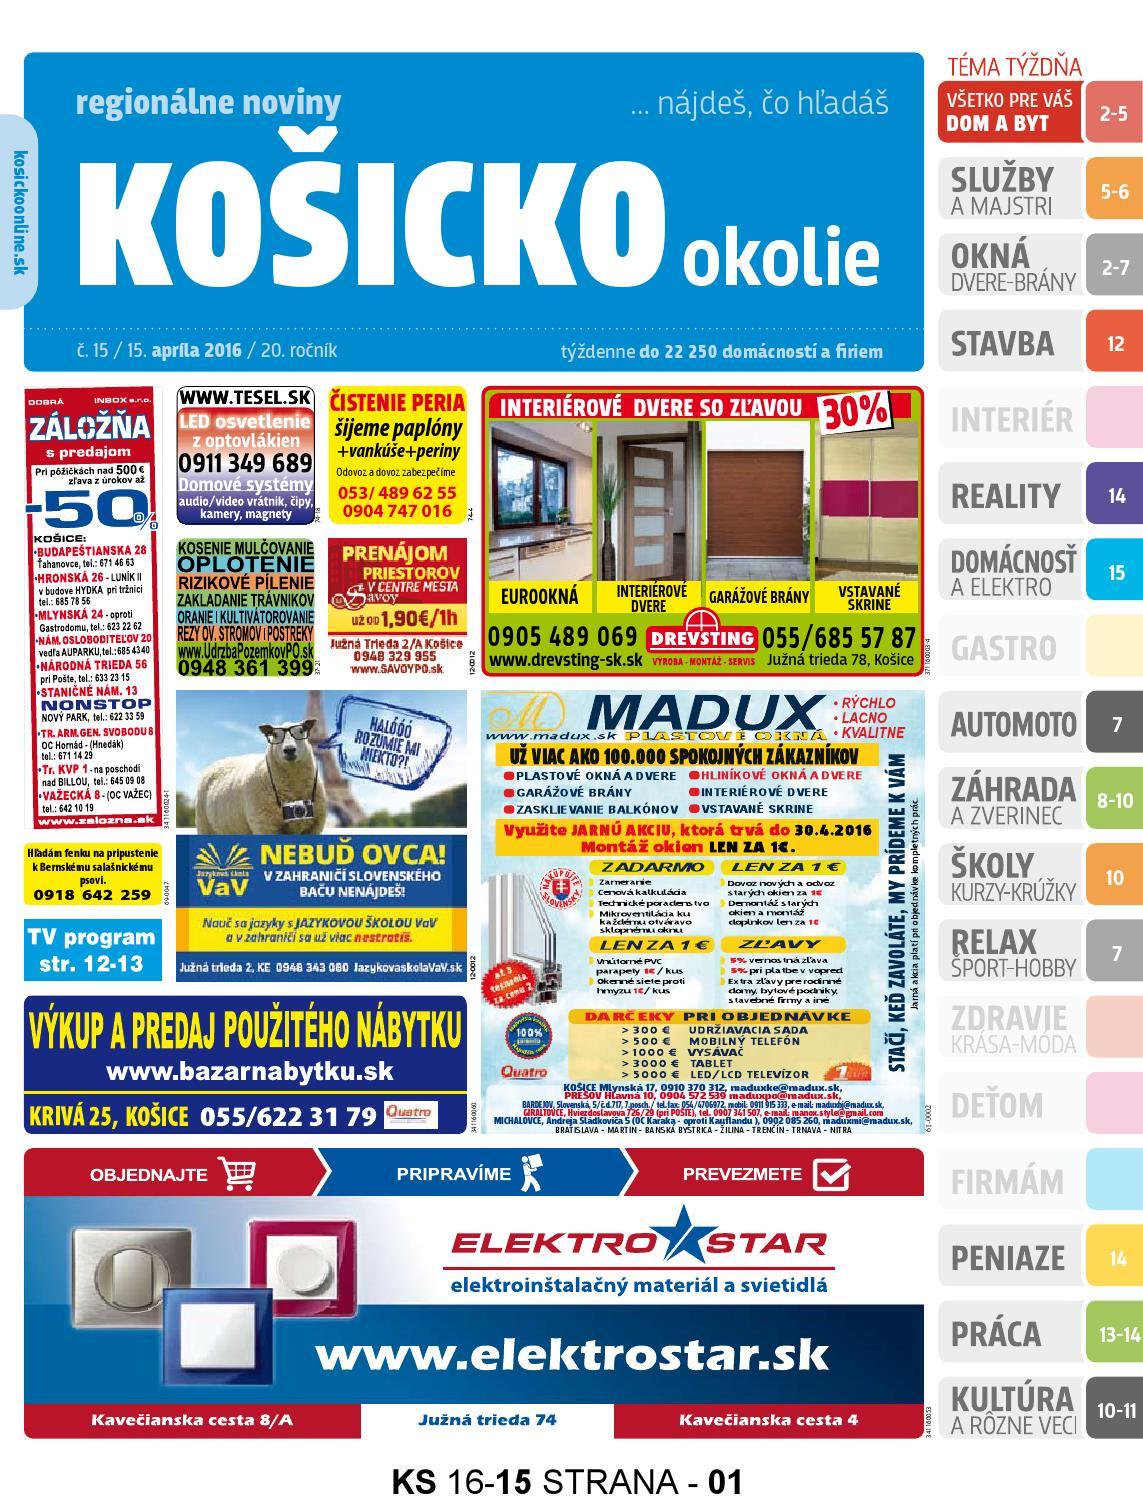 gratis Zoznamka softvér